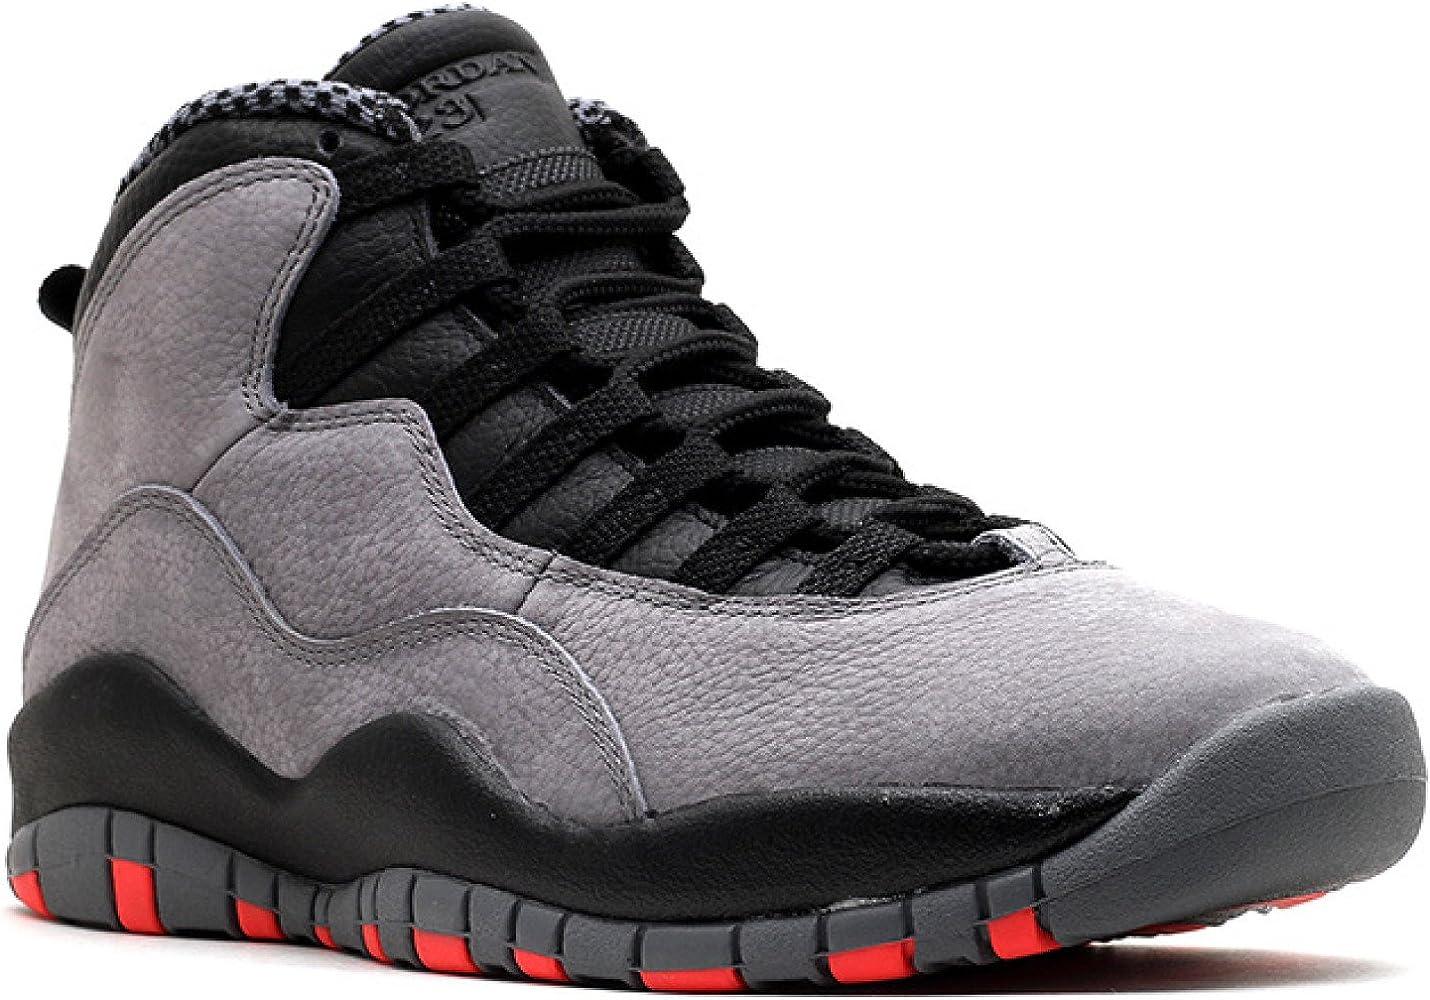 Nike AIR Jordan Retro 10 'Cool Grey